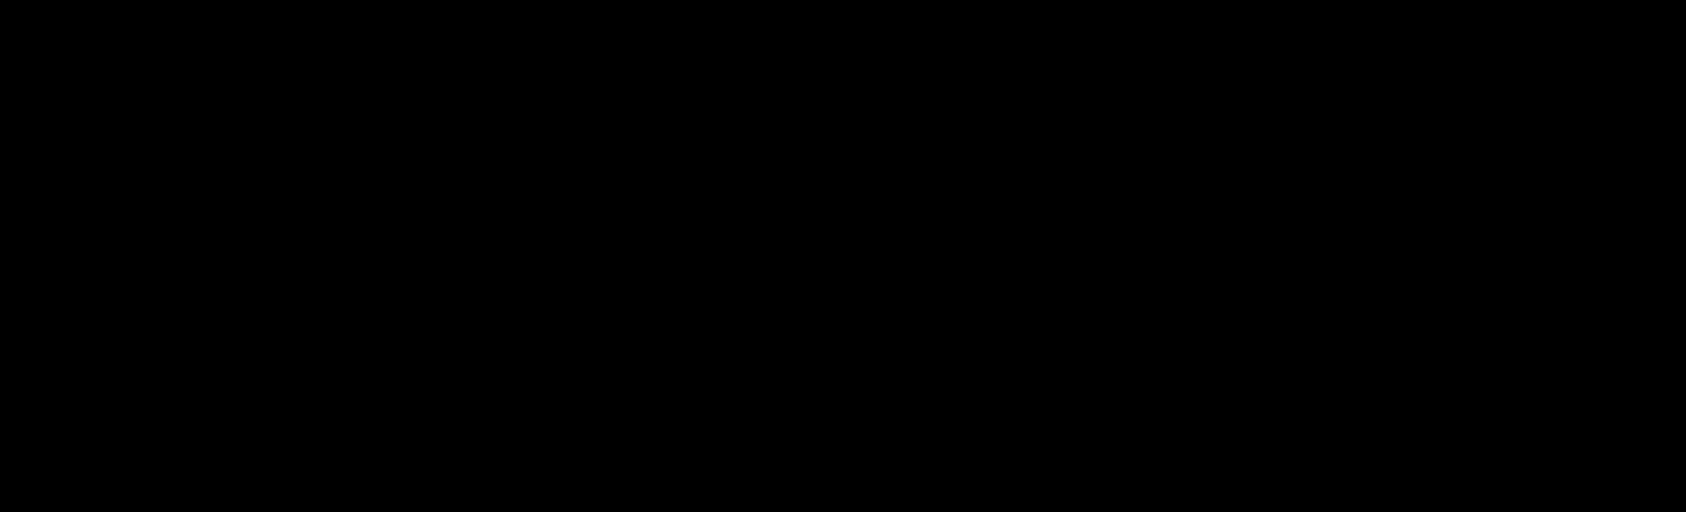 logomono-bloomberg-mono